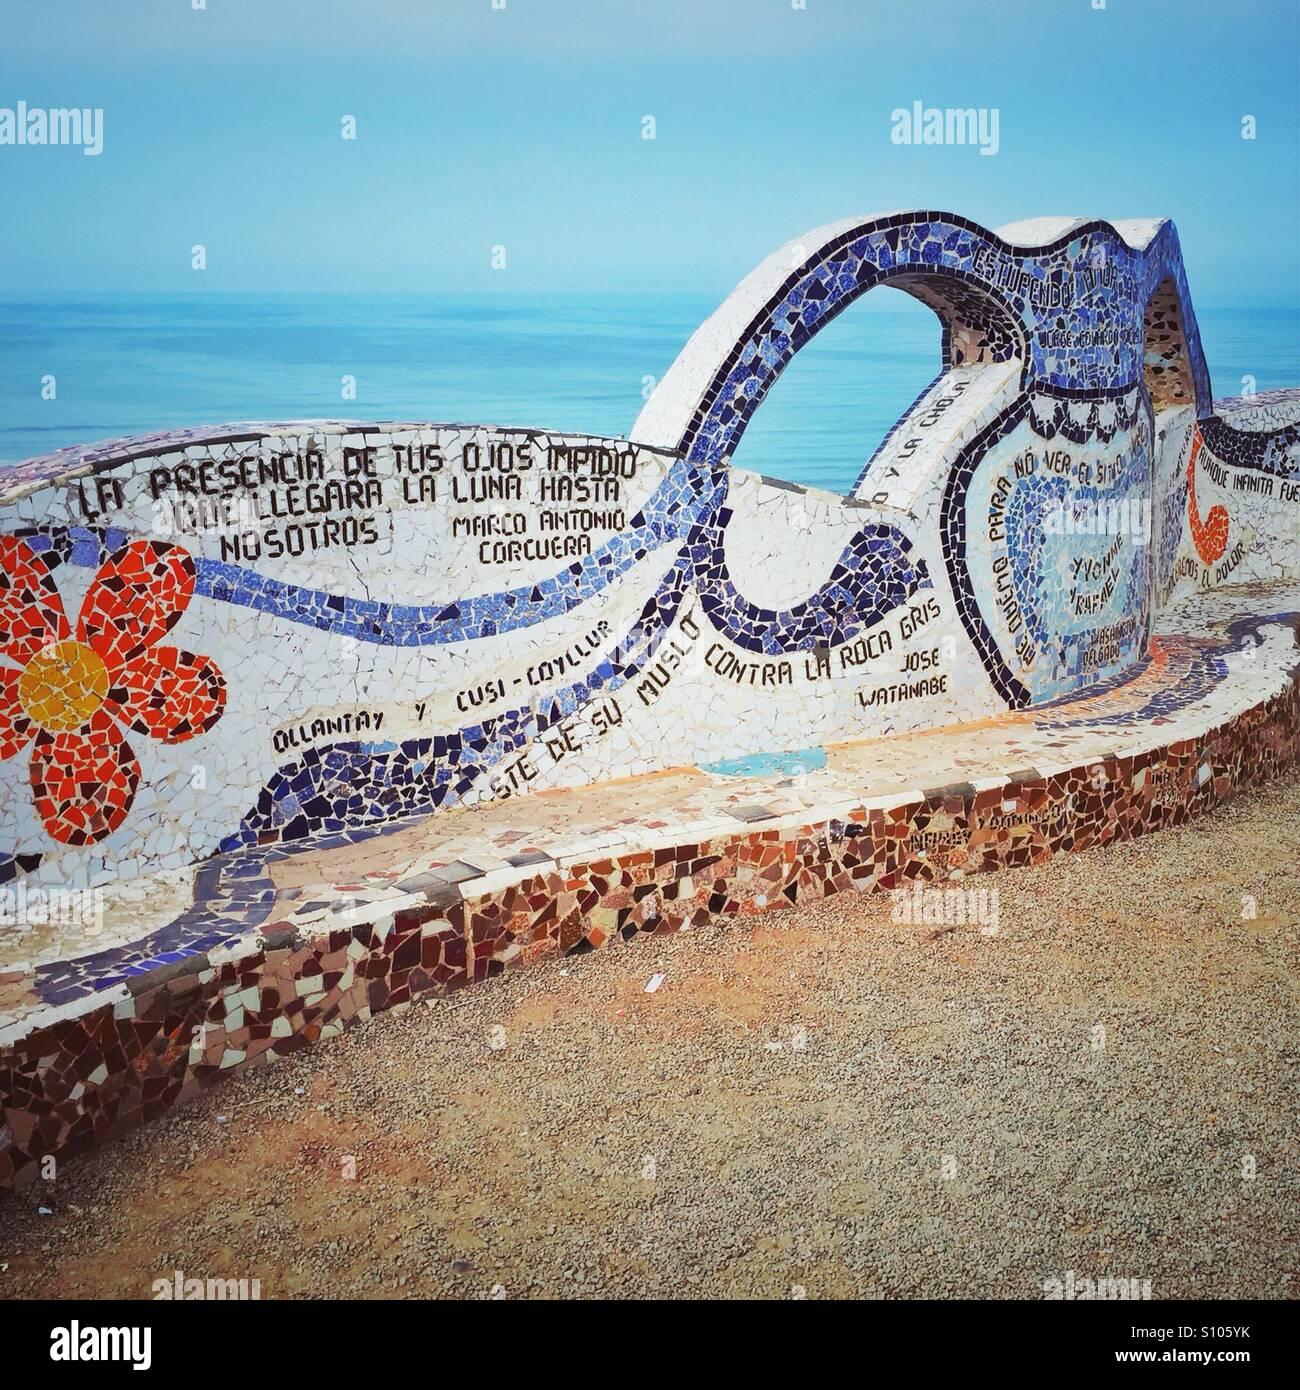 Banco de mosaico en el Parque del Amor, el barrio de Miraflores, Lima, Perú. Imagen De Stock